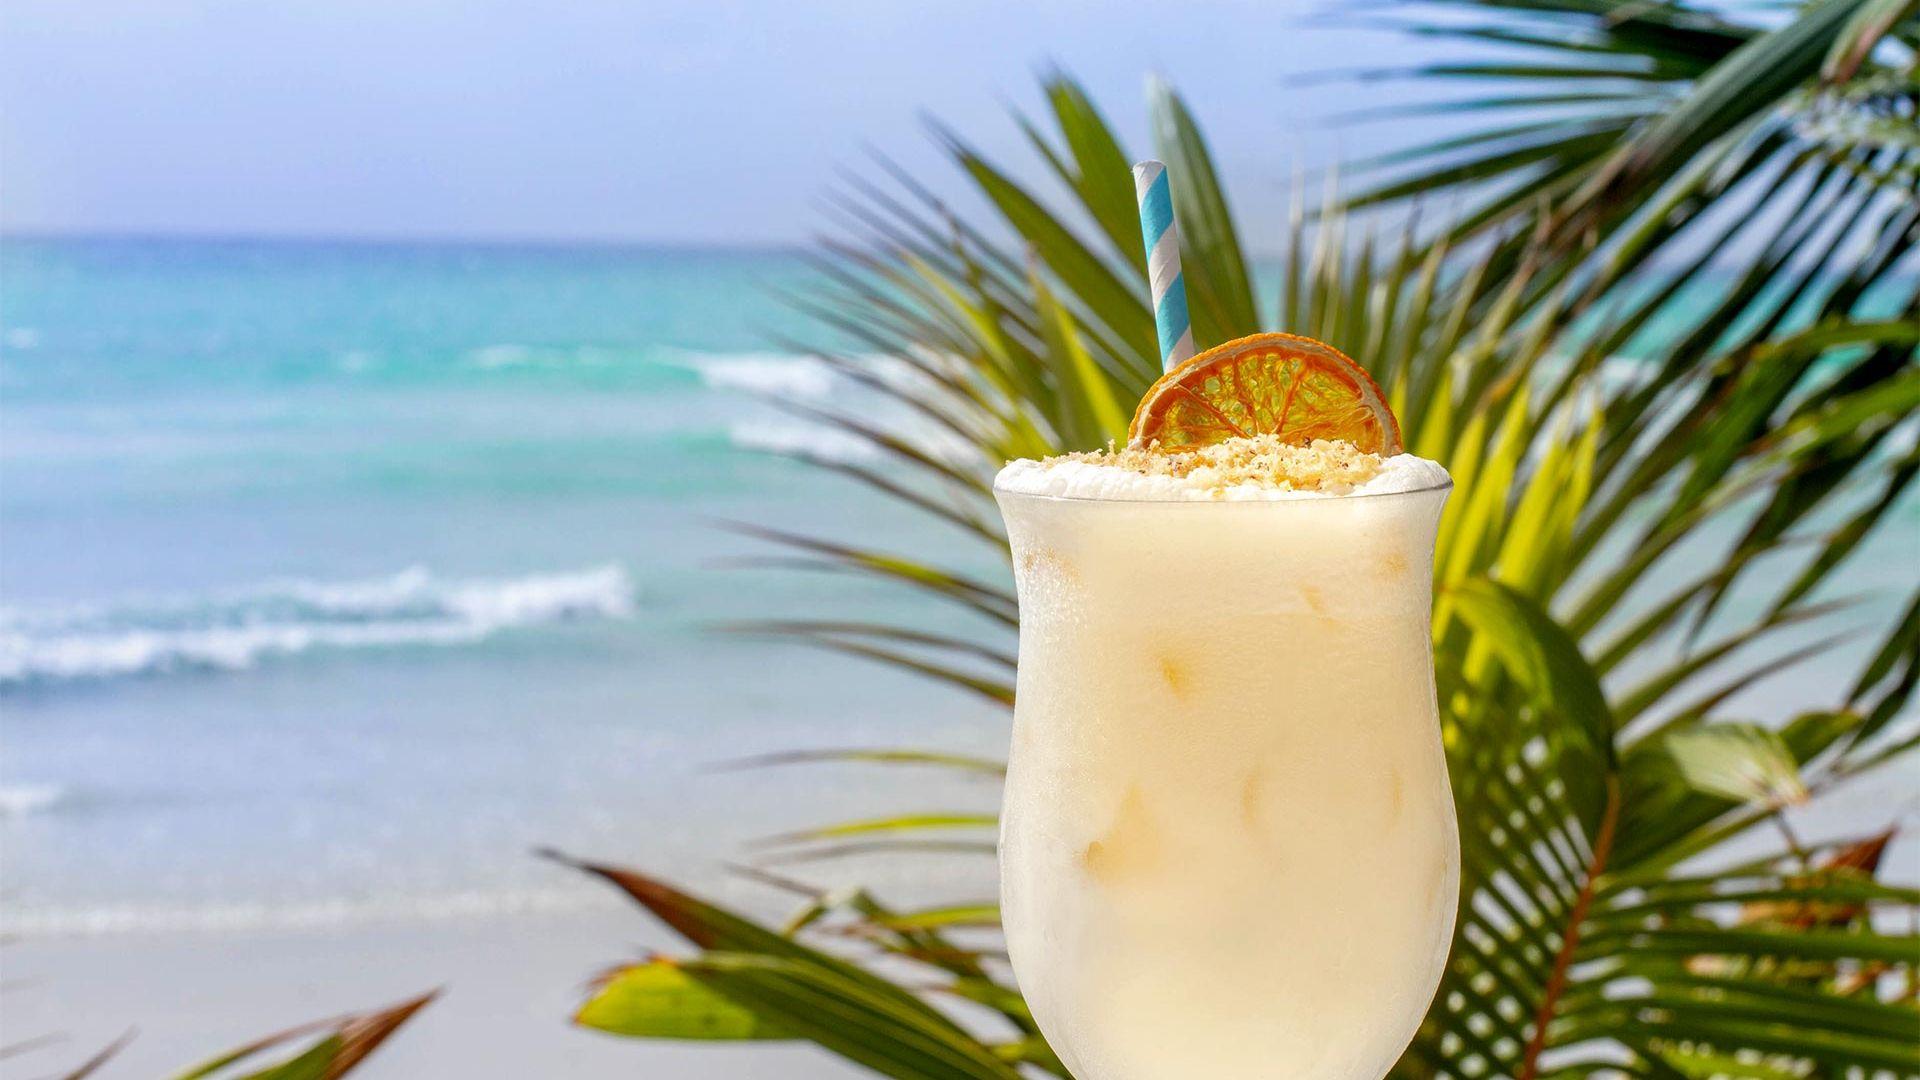 Sejur plaja Cancun si Riviera Maya, Mexic, 11 zile - aprilie 2022